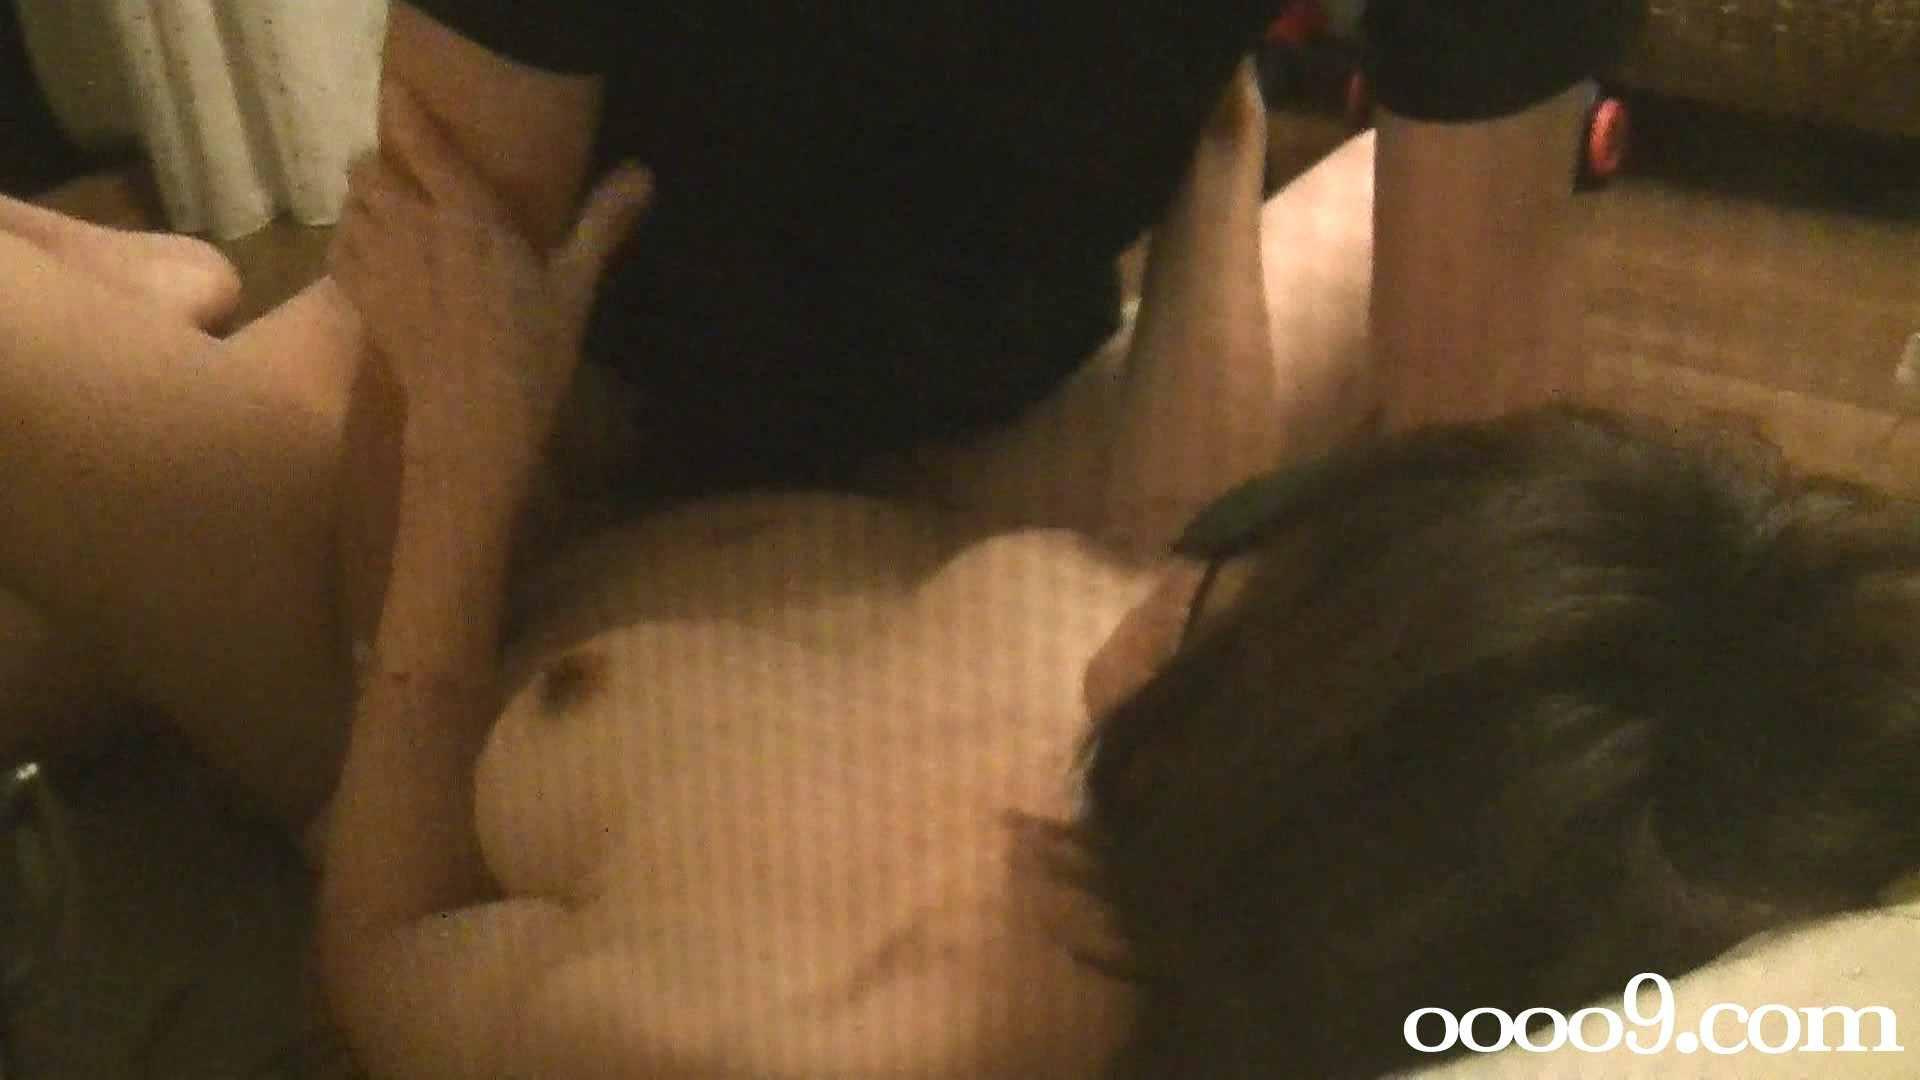 今度はHDだよ!ハメ撮りFカップみかちゃん vol.01 隠撮 | ギャル達のおっぱい  70画像 21